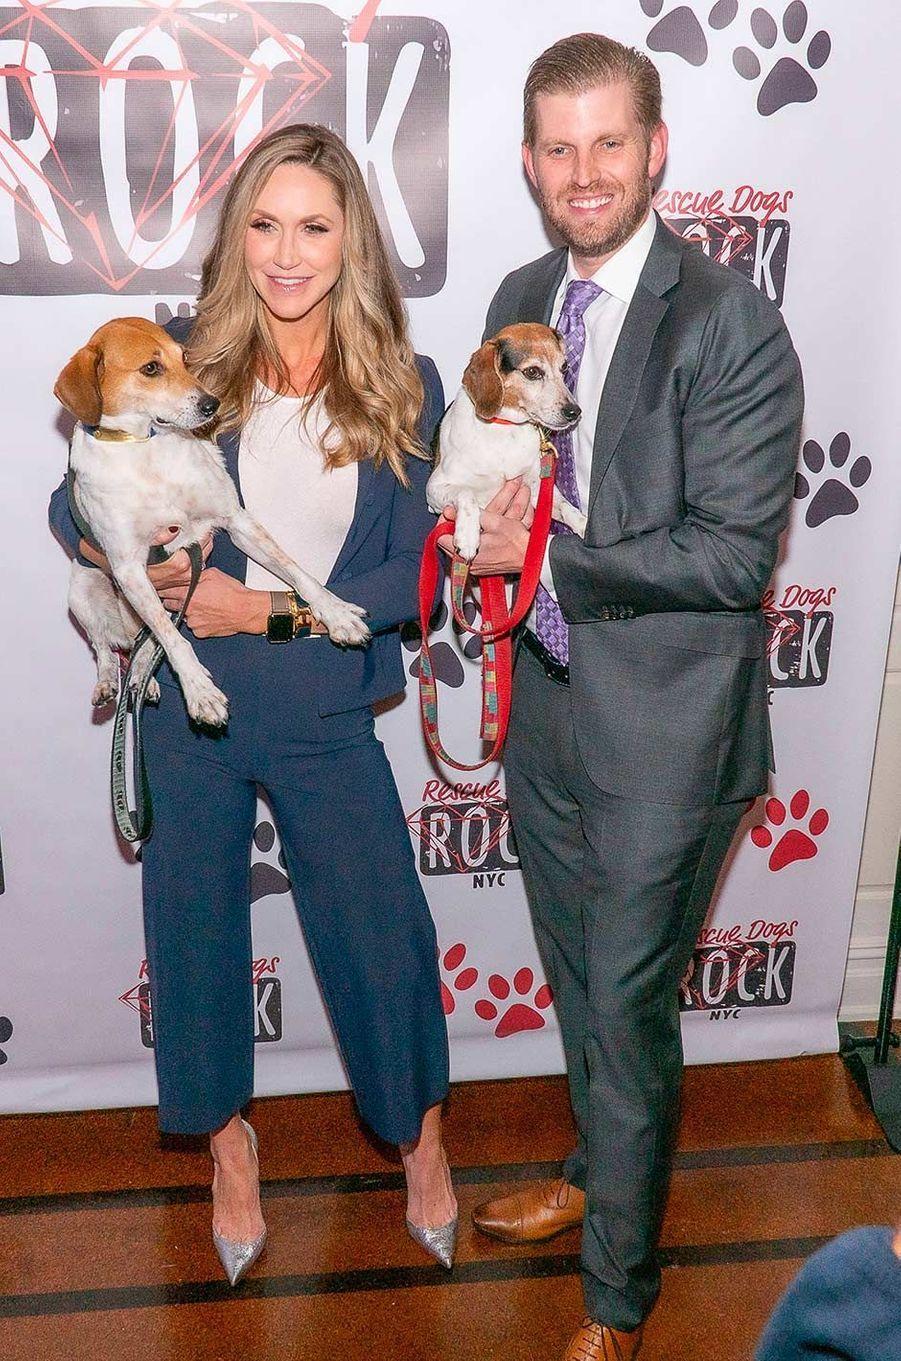 Lara et Eric Trump au gala de l'association Rescue Dogs Rock à New York, le 22 octobre 2019.